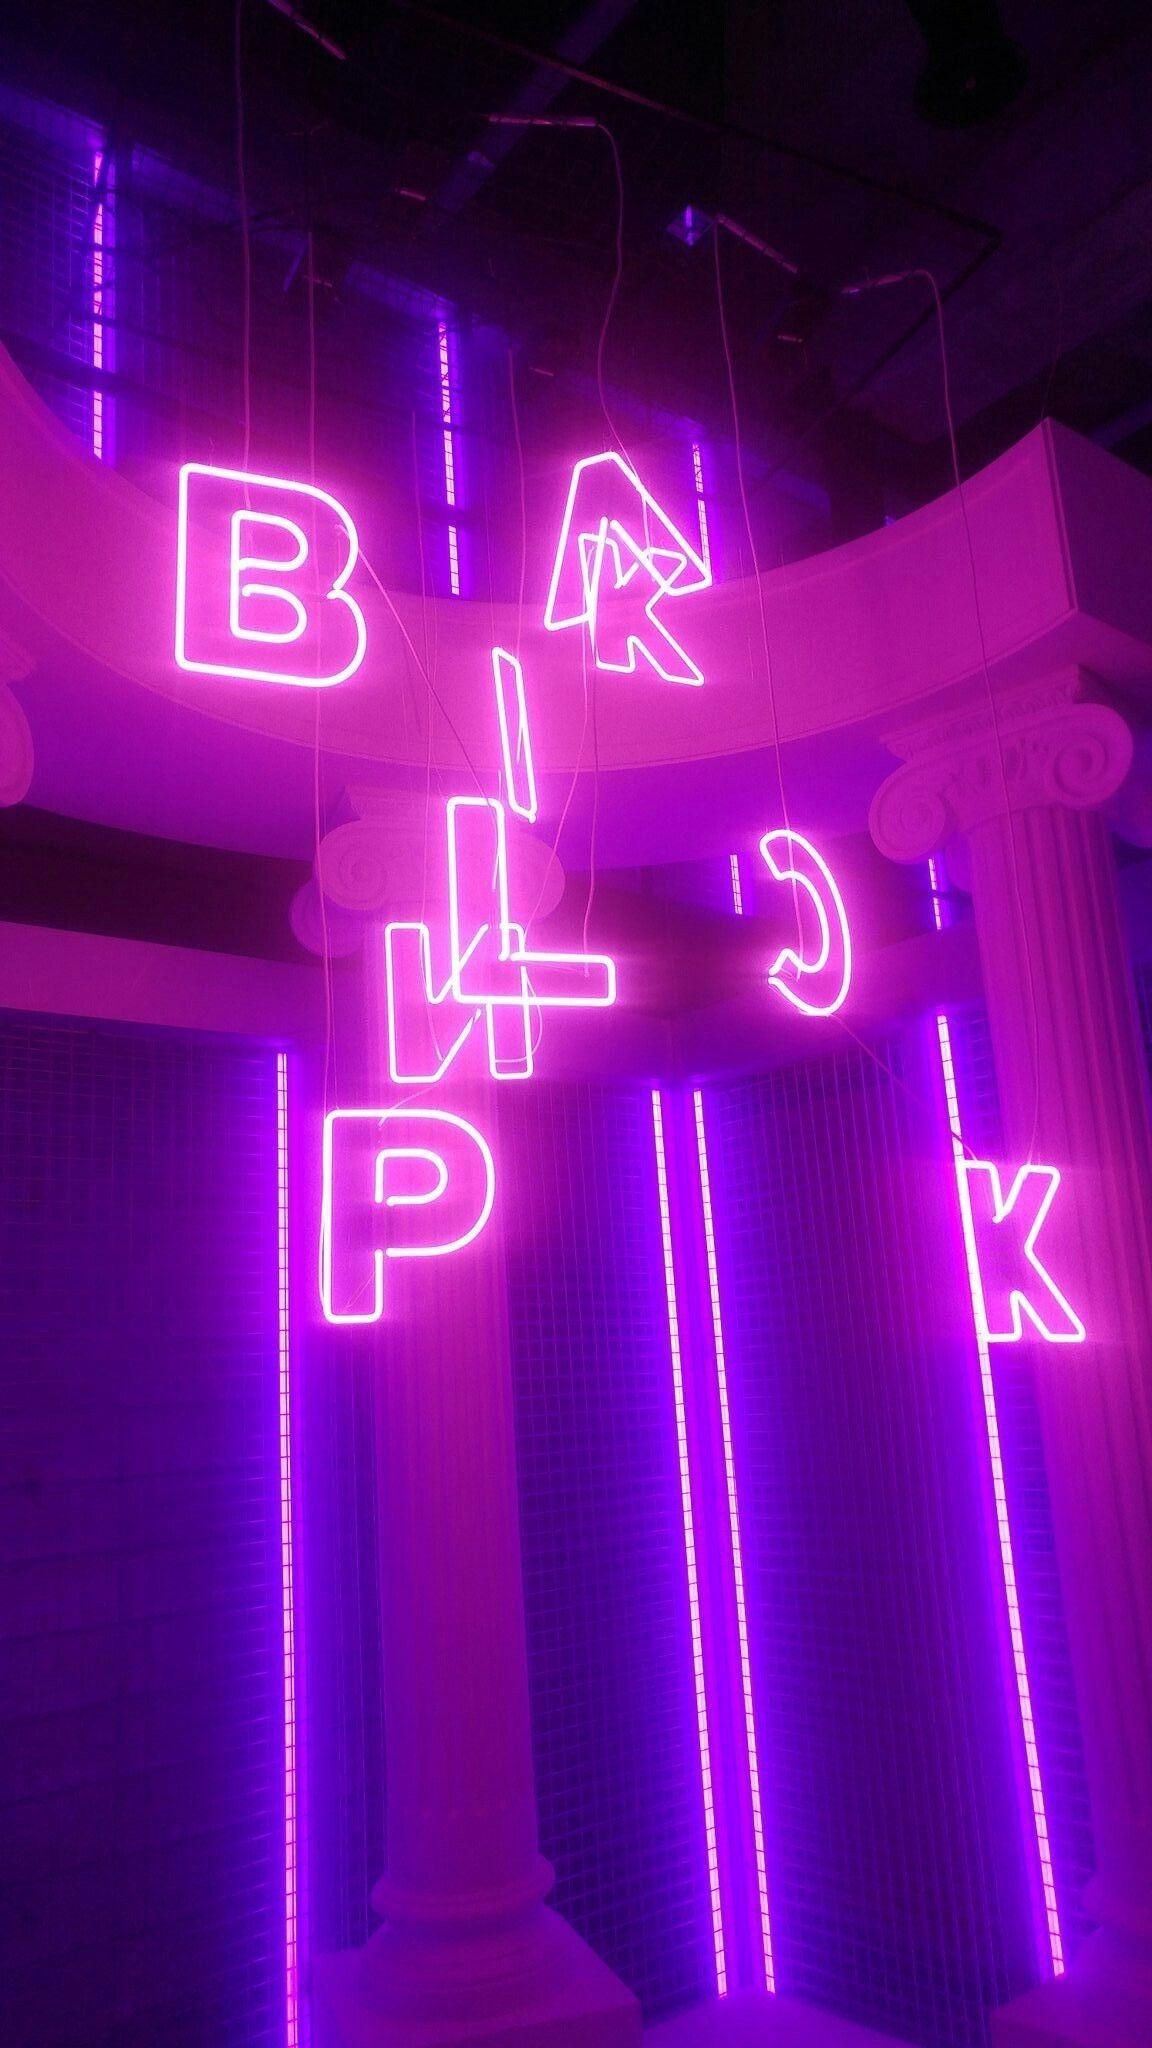 Pin by a̶n̶g̶e̶l̶ on p̶h̶o̶t̶o̶s̶ Kpop wallpaper, Pink